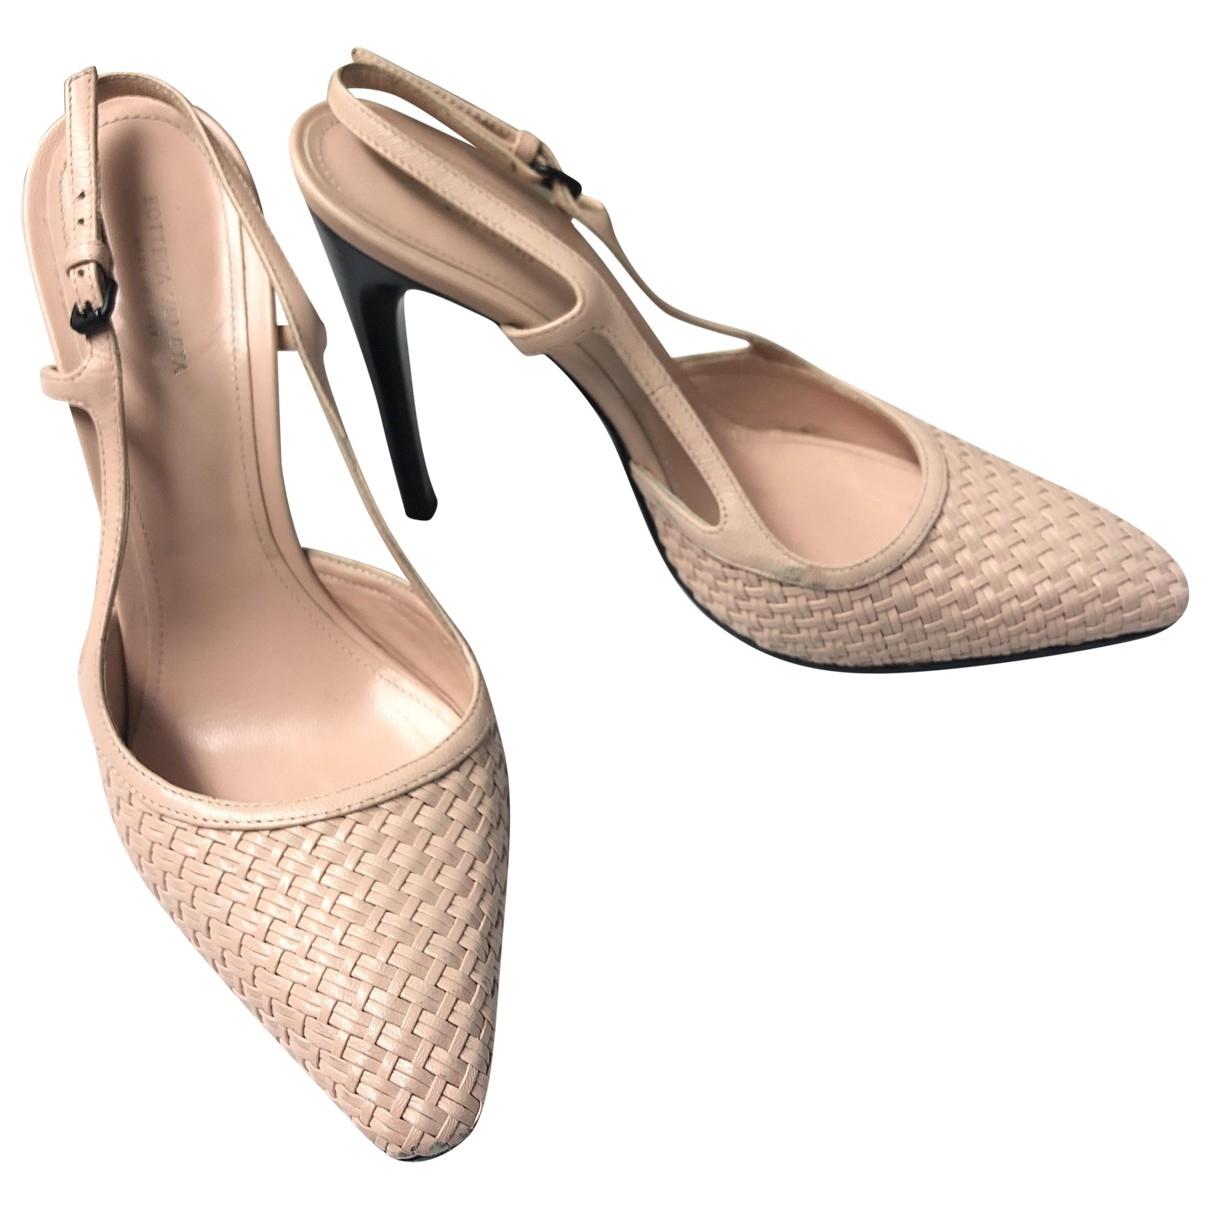 Bottega Veneta \N Pink Leather Heels for Women 38.5 EU